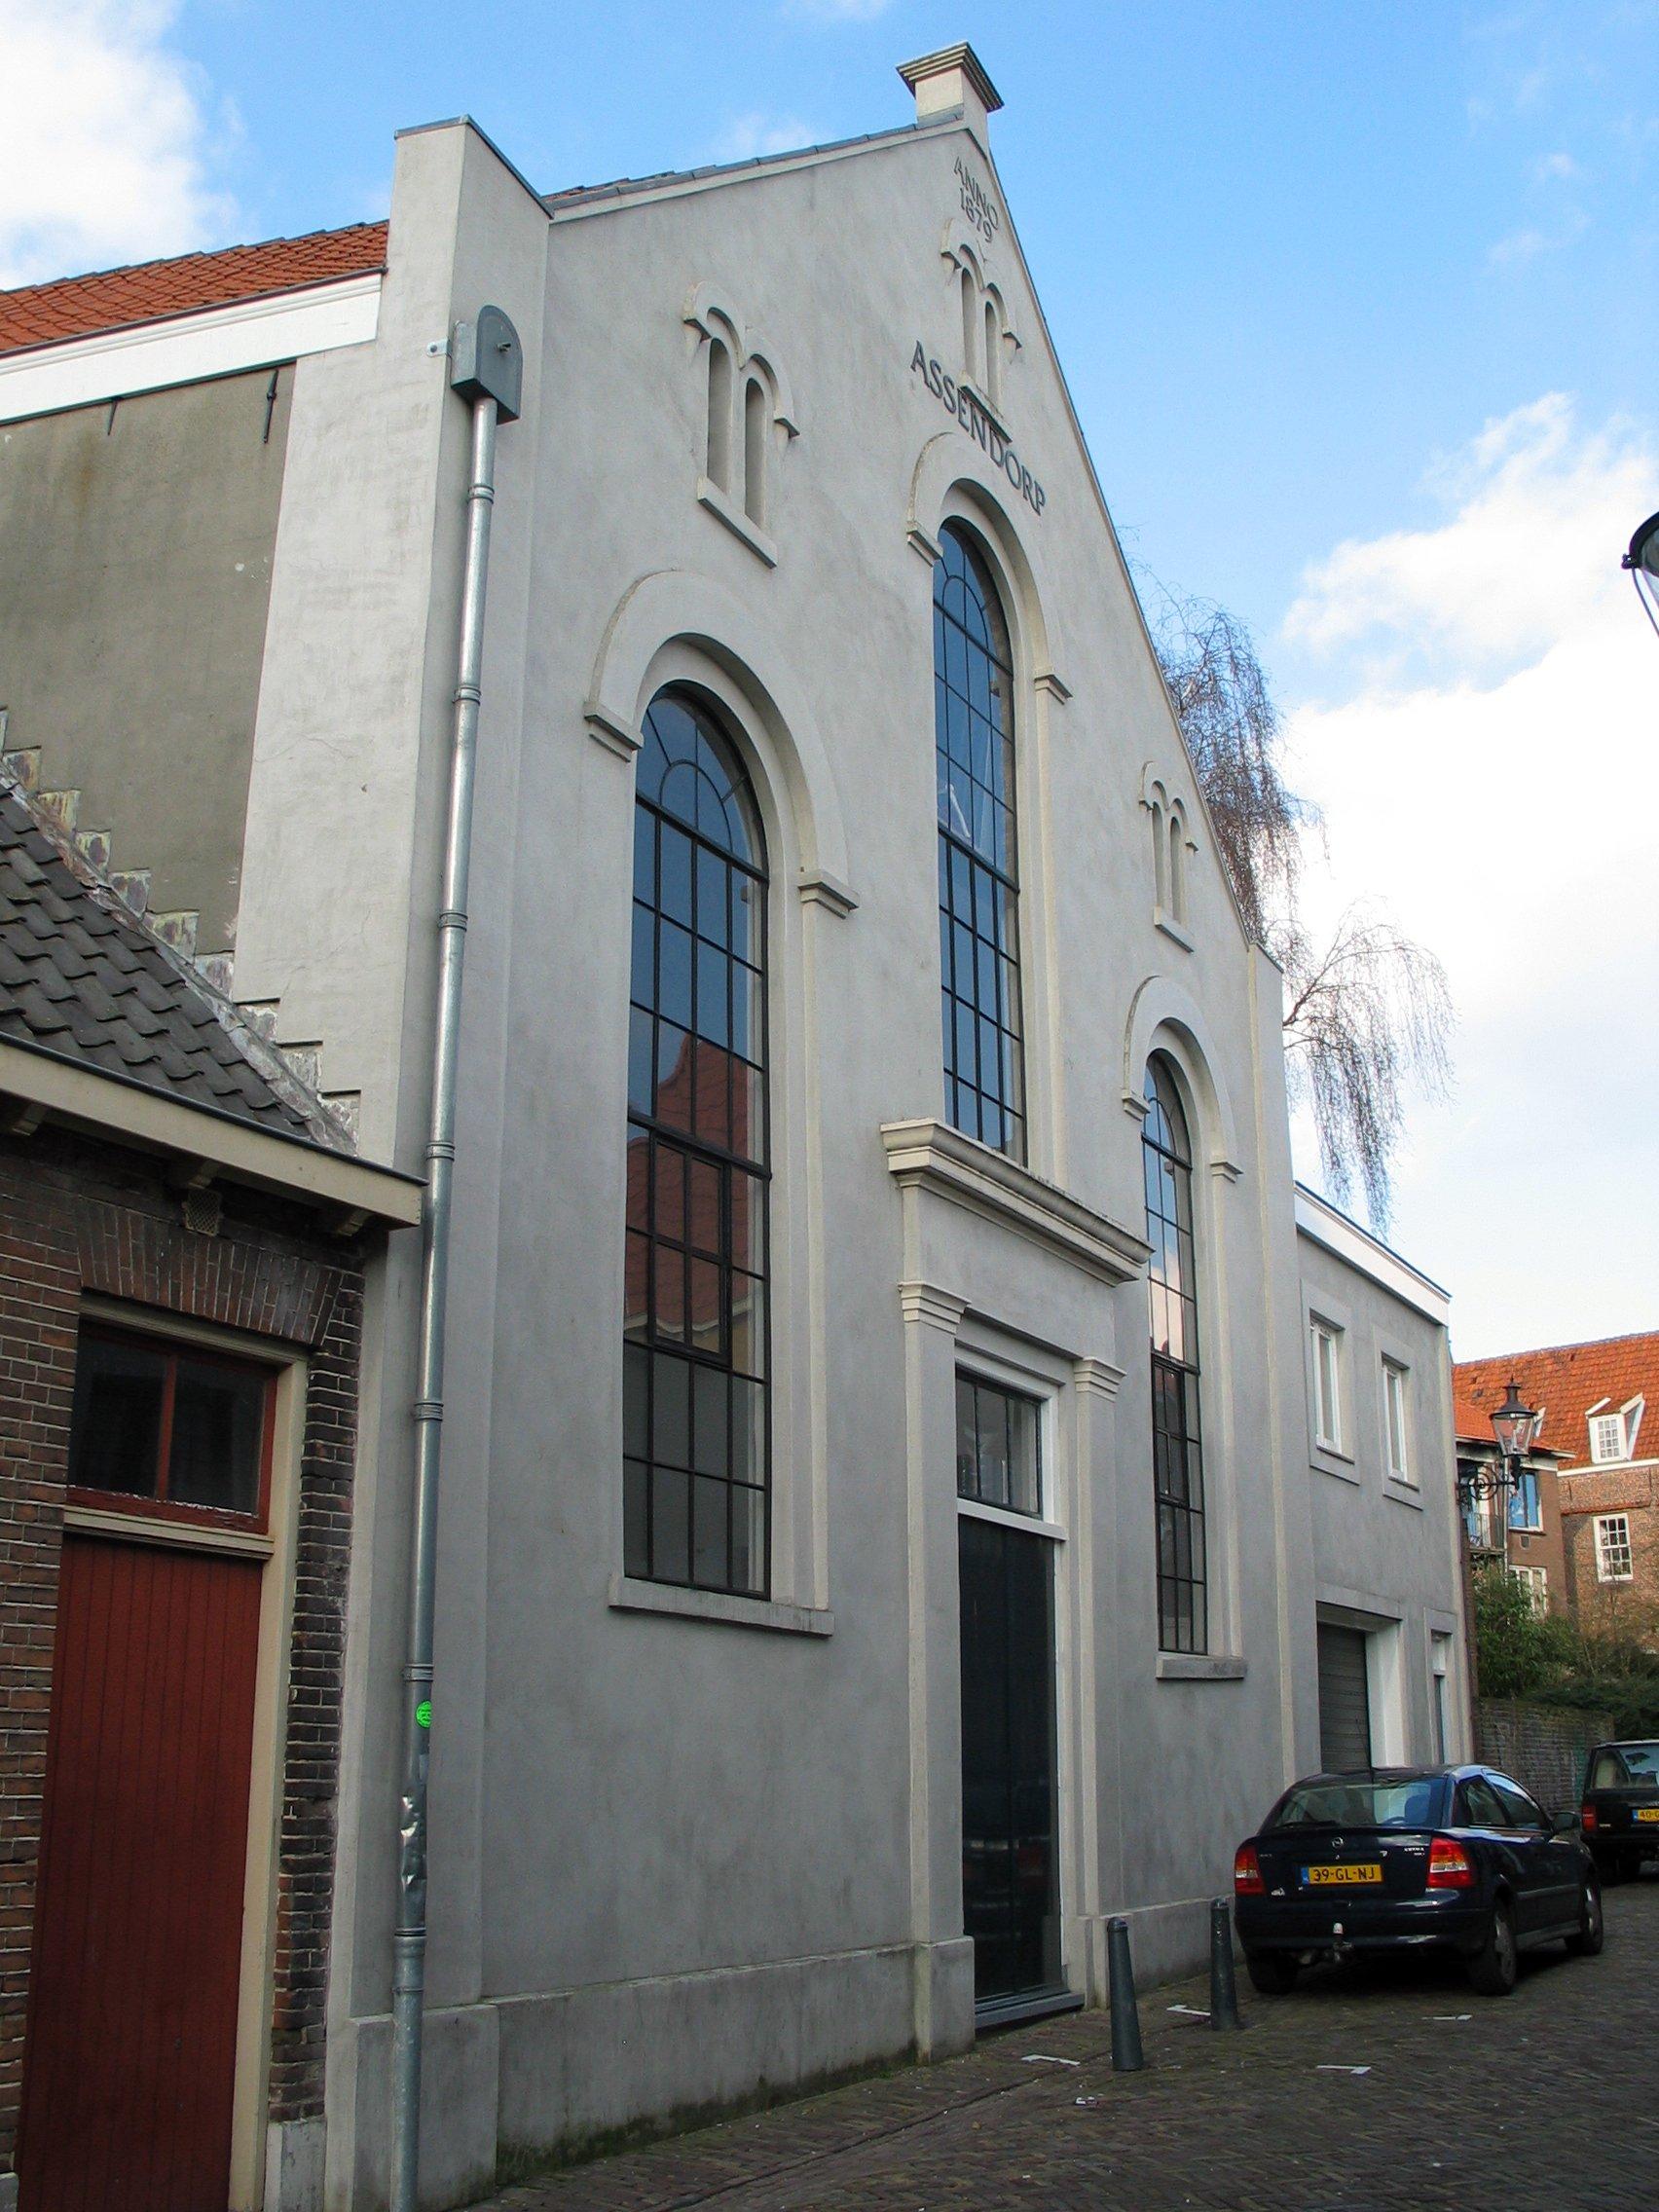 Oosterkerk in Amsterdam | Monument - Rijksmonumenten.nl